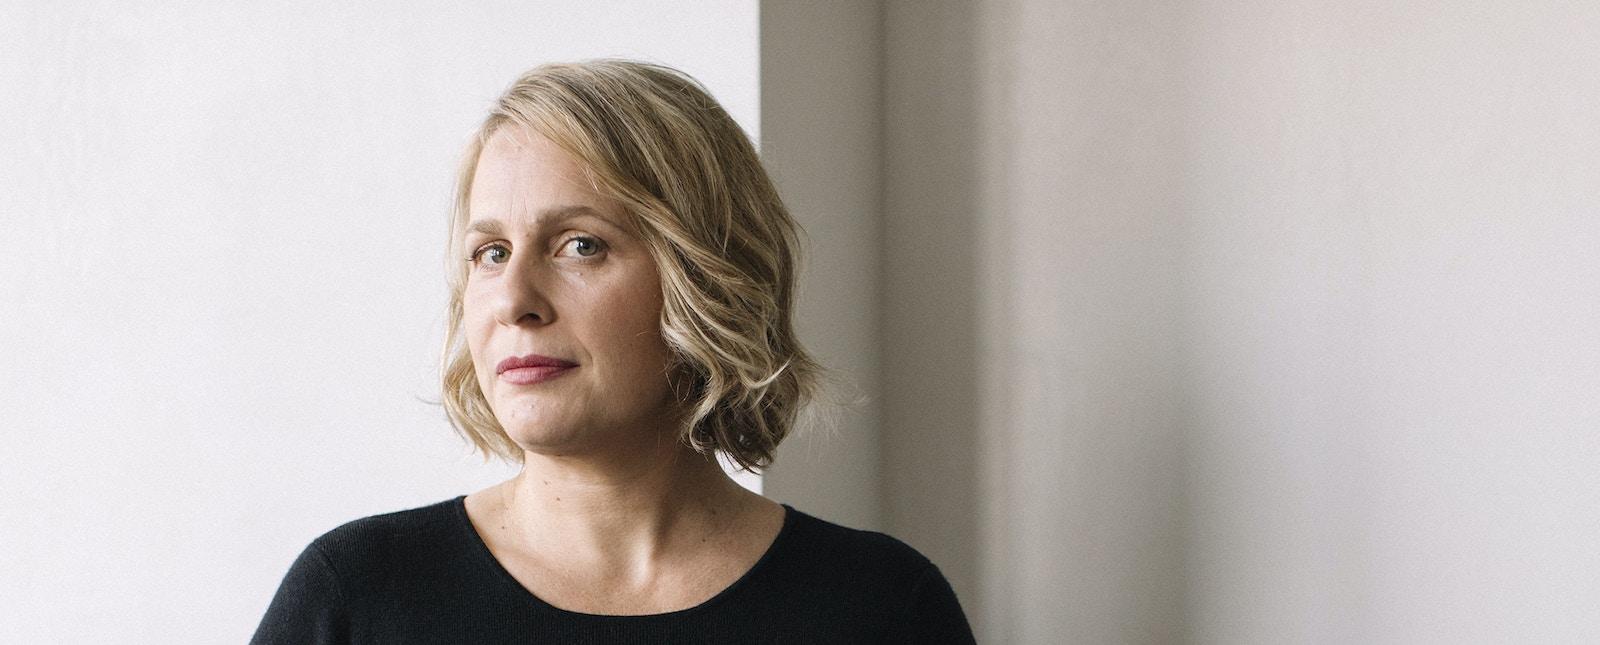 Stefanie Brechbuehler